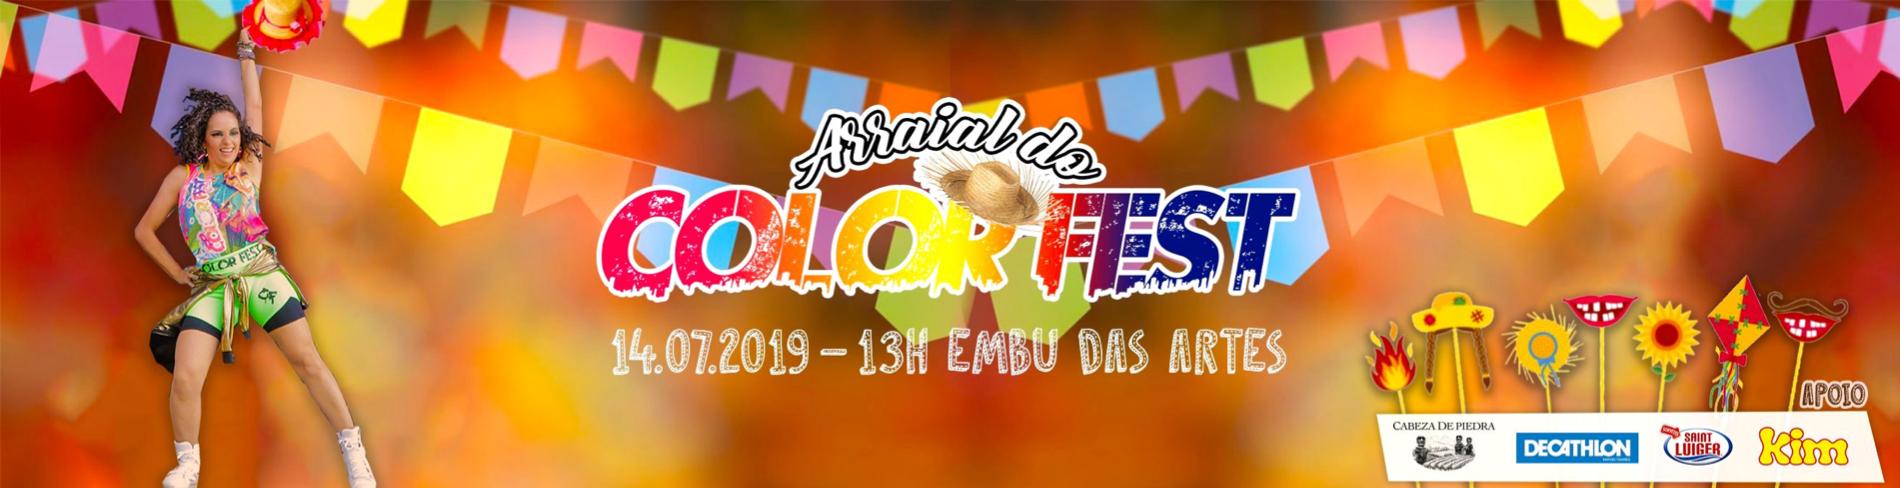 ARRAIAL DO COLOR FEST®